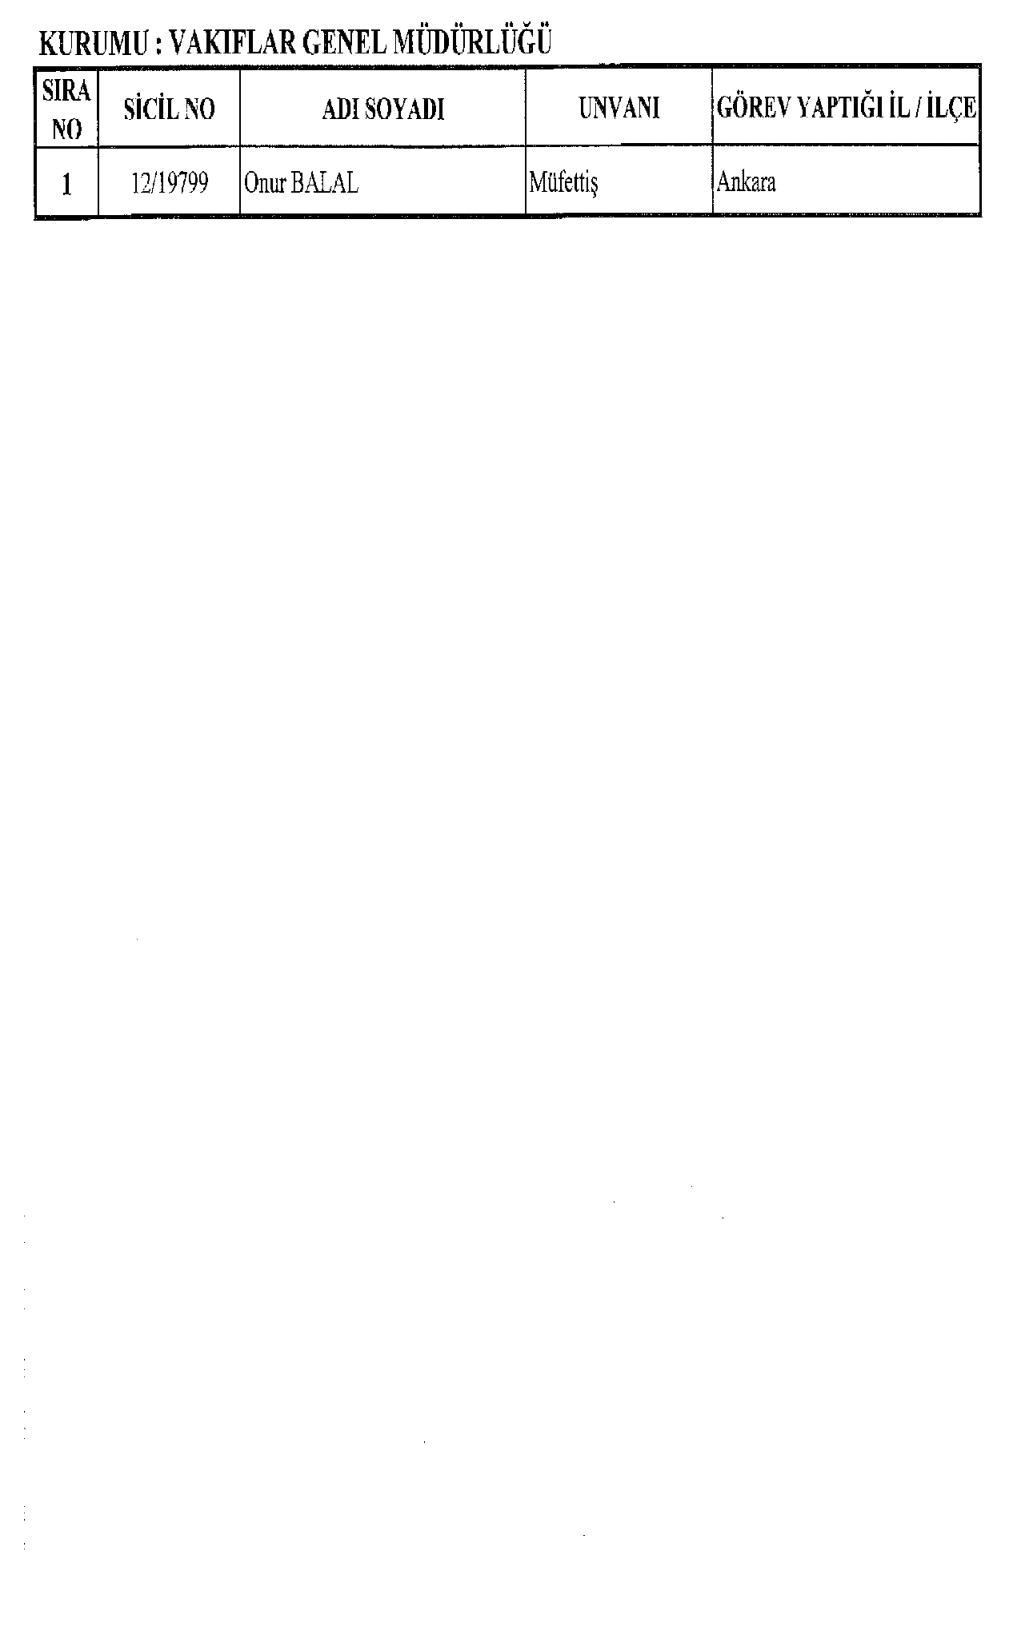 677 KHK ile Göreve iade edilenlerin isim listesi